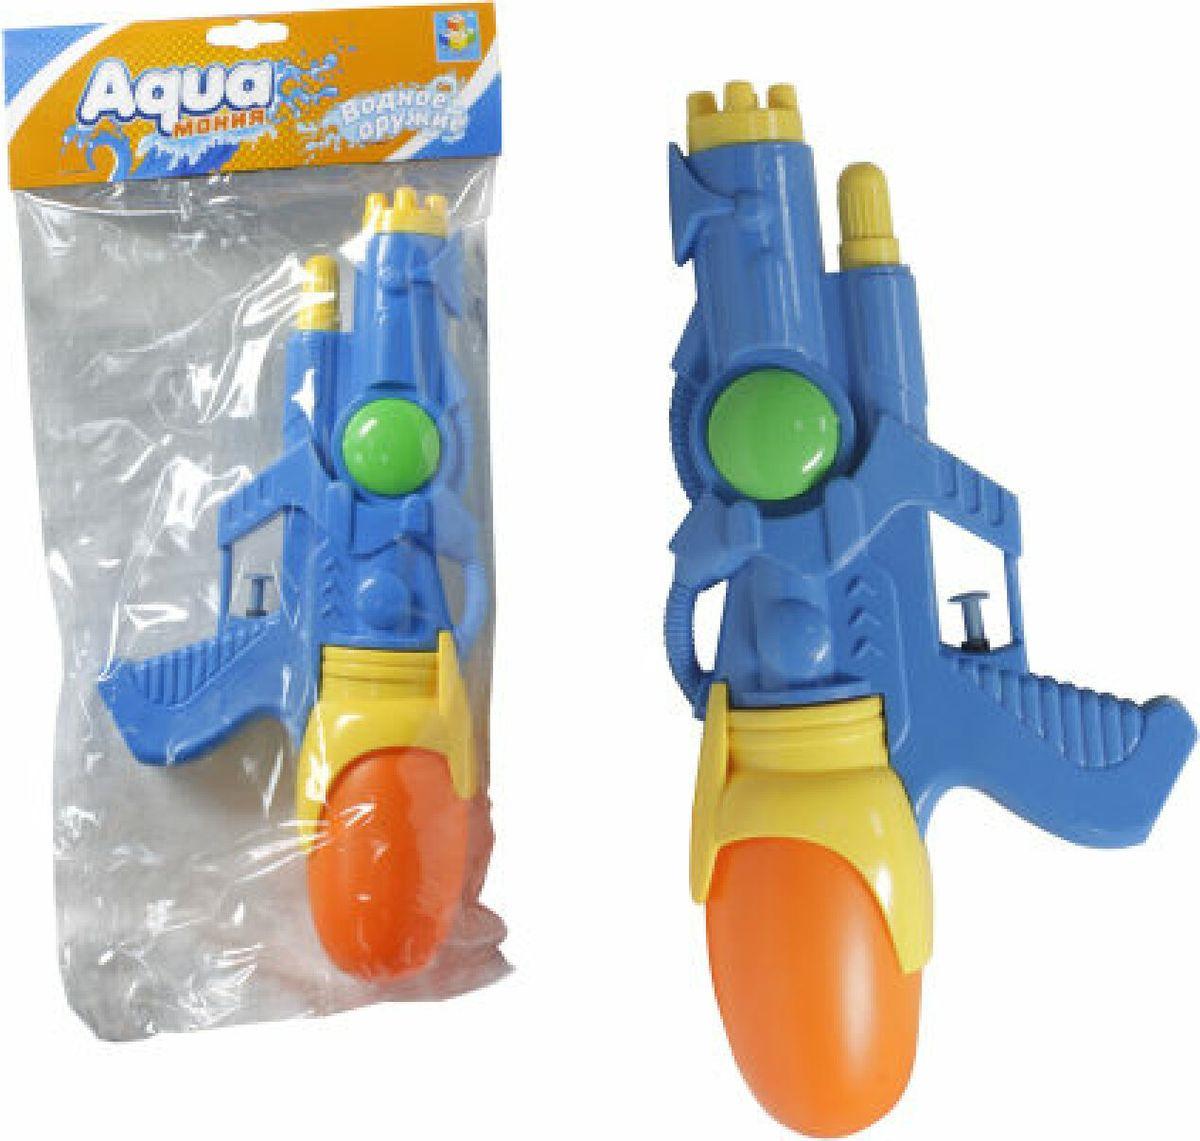 Игрушечное оружие 1TOY Аквамания Водяной бластер, с 2 отверстиями, Т59451, 28 х 14 см, цвет в ассортименте бластер наша игрушка бластер цвет в ассортименте 20112011